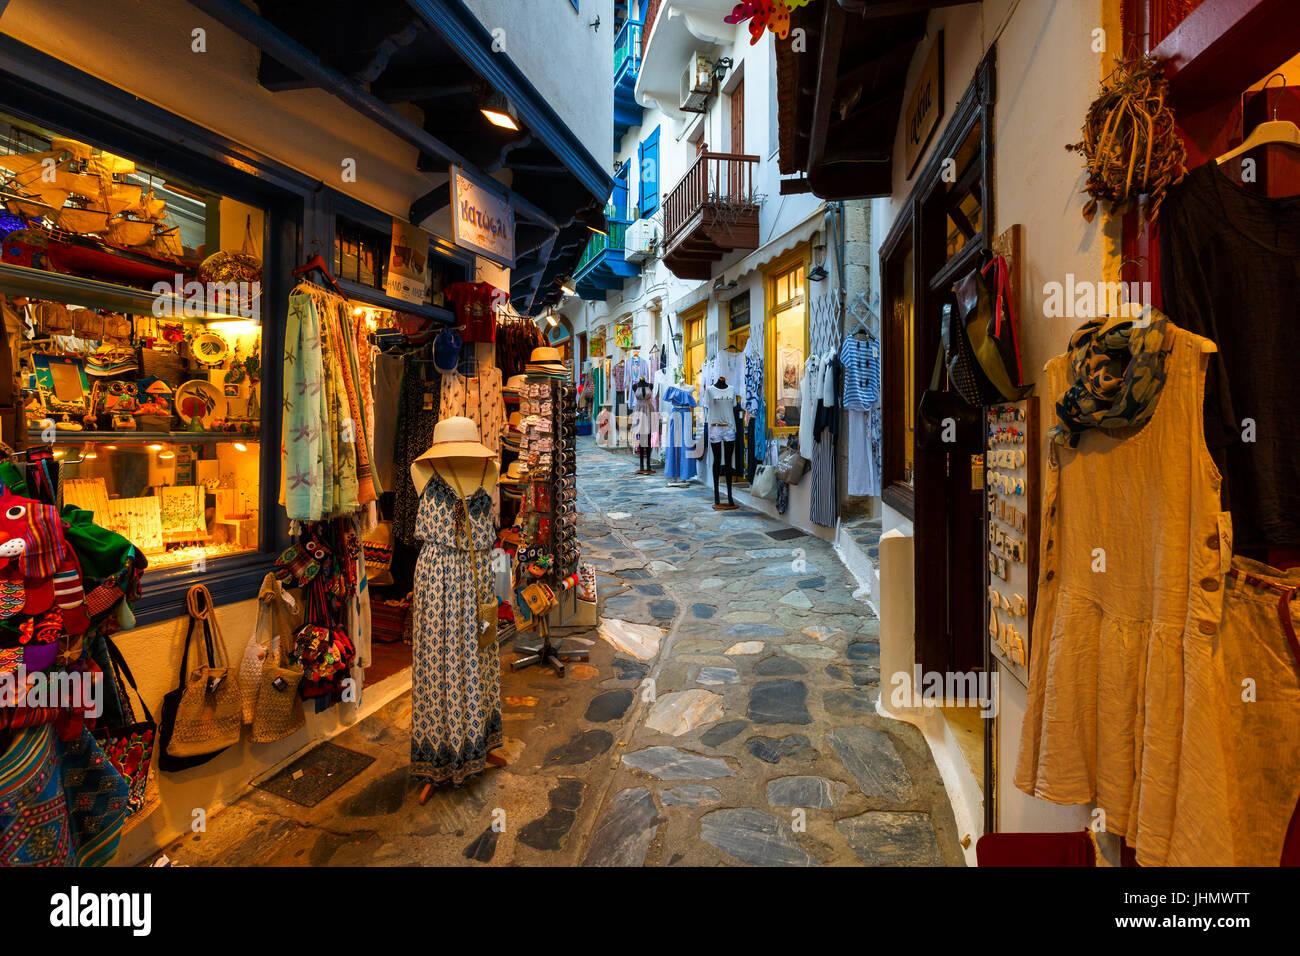 Straße mit Geschäften in der Stadt Skopelos, Griechenland. Stockbild